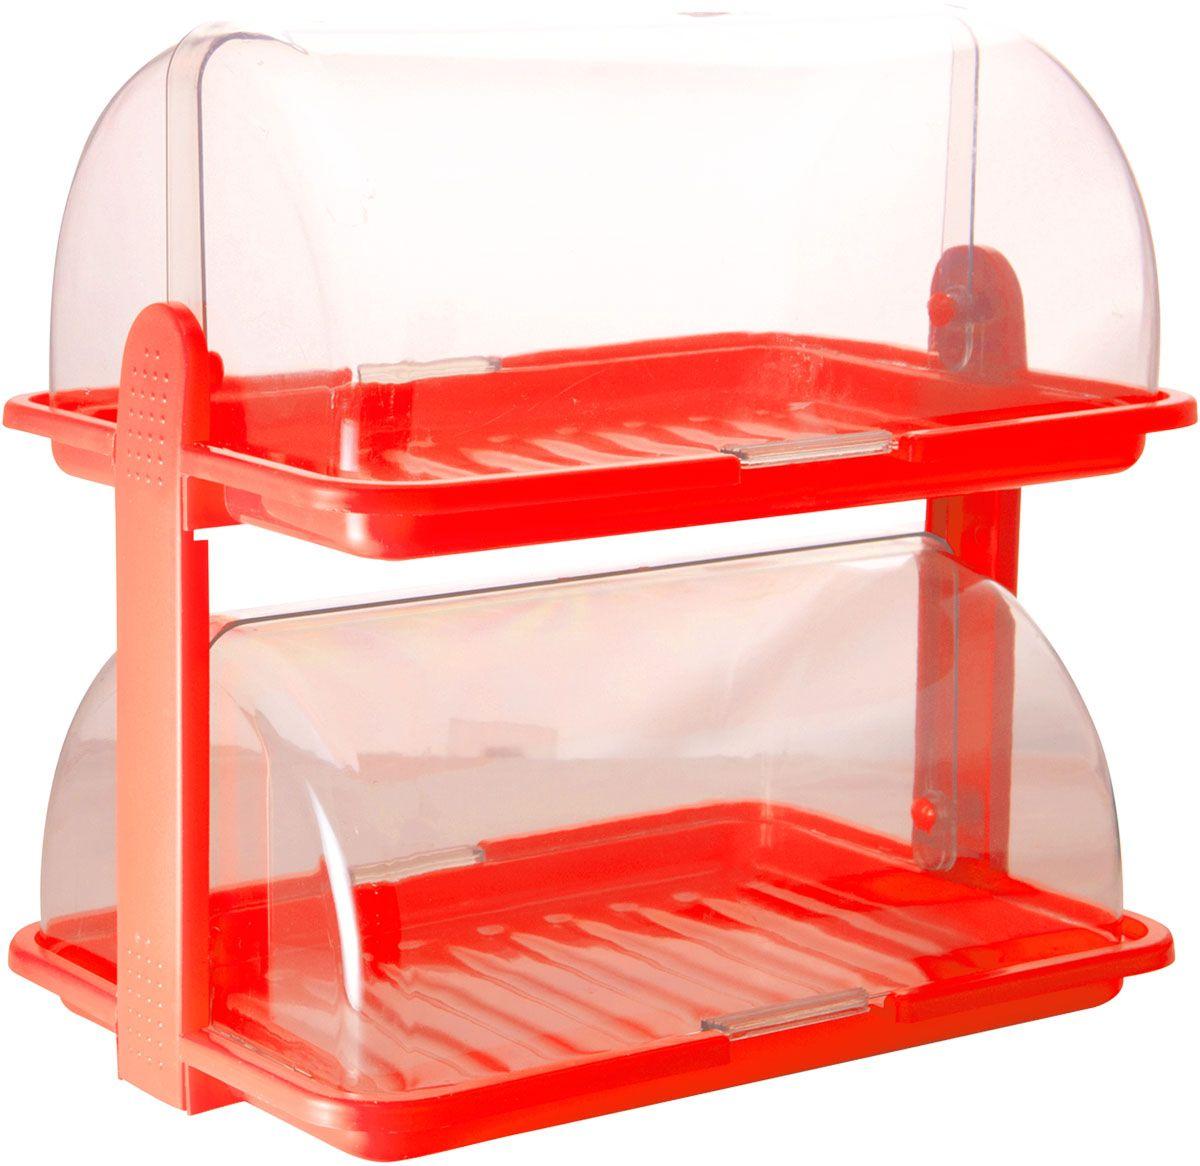 Хлебница Plastic Centre, 2-ярусная, цвет: красный, прозрачный, 38,5 х 26 х 37 смVT-1520(SR)Уникальная двухъярусная хлебница Plastic Centre для любителей выпечки и свежего хлеба. Хлебница выполнена из полипропилена. Она сохранит хлеб свежим длительное время. Благодаря двум раздельным секциям можно хранить сладкую выпечку и хлеб в разных отделениях.